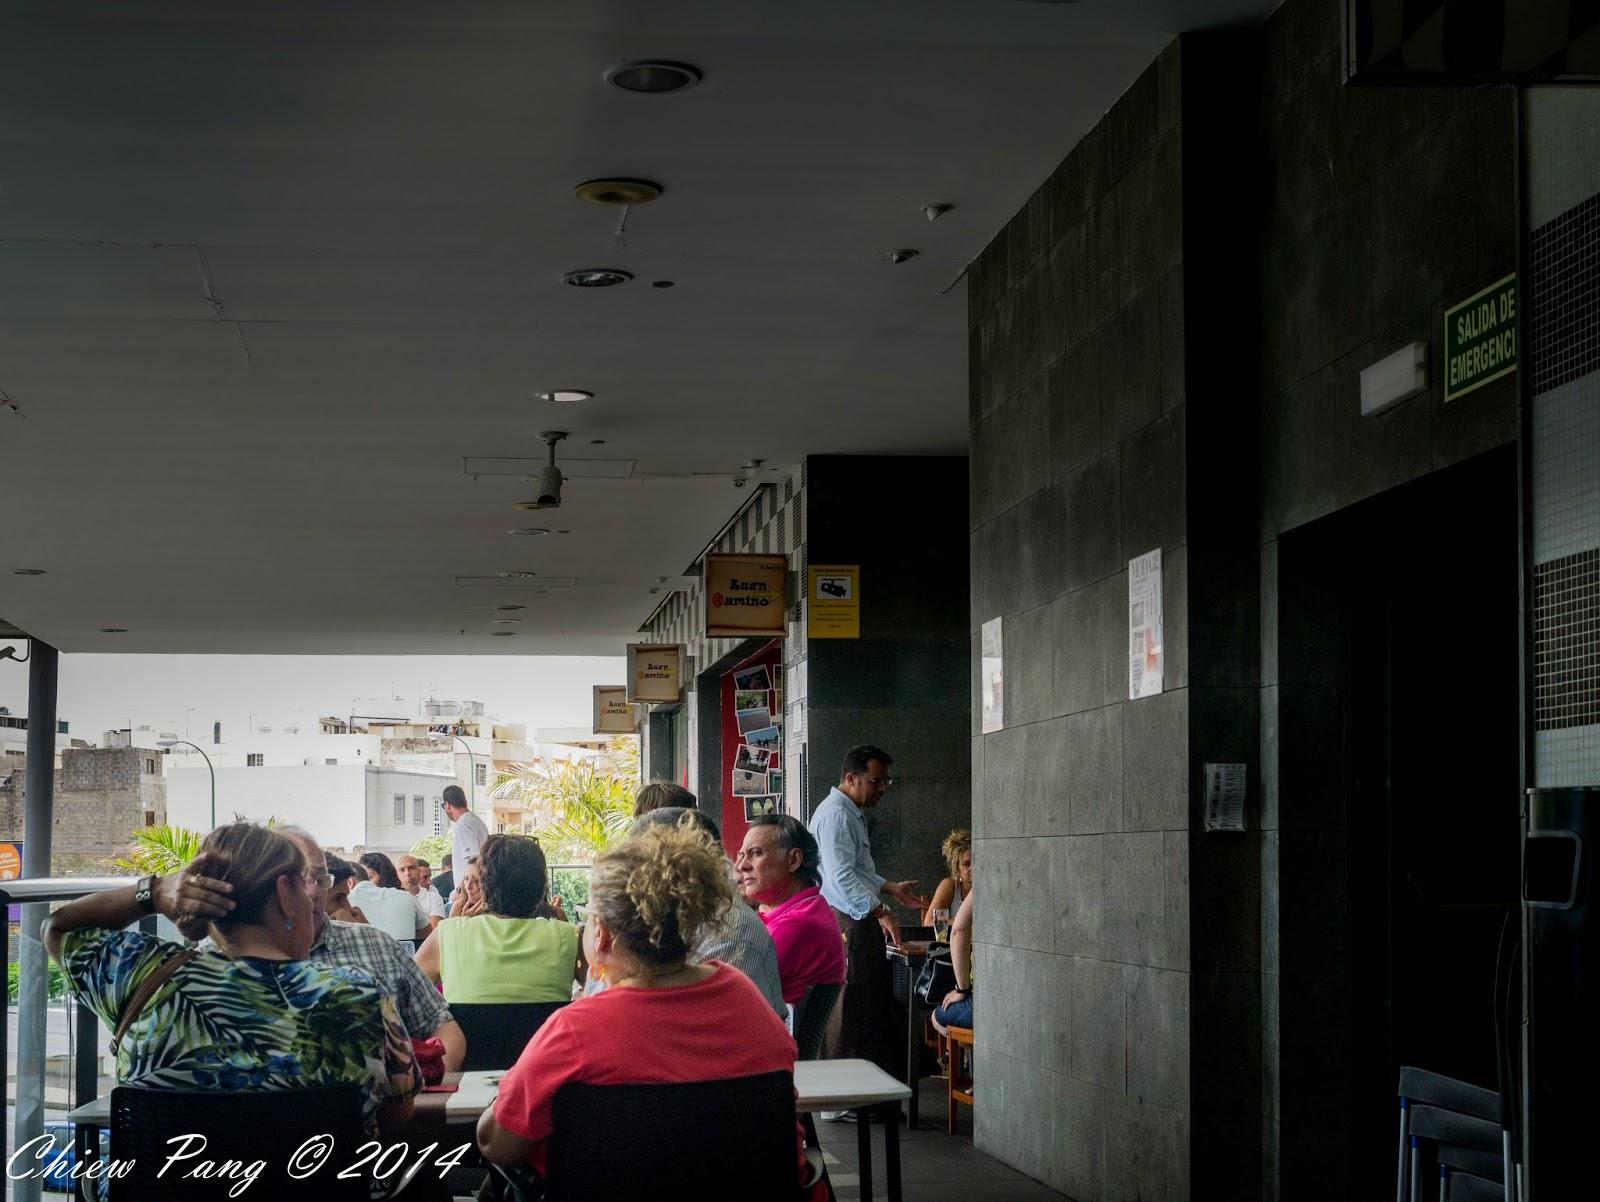 Taberna Buen Camino, Las Palmas